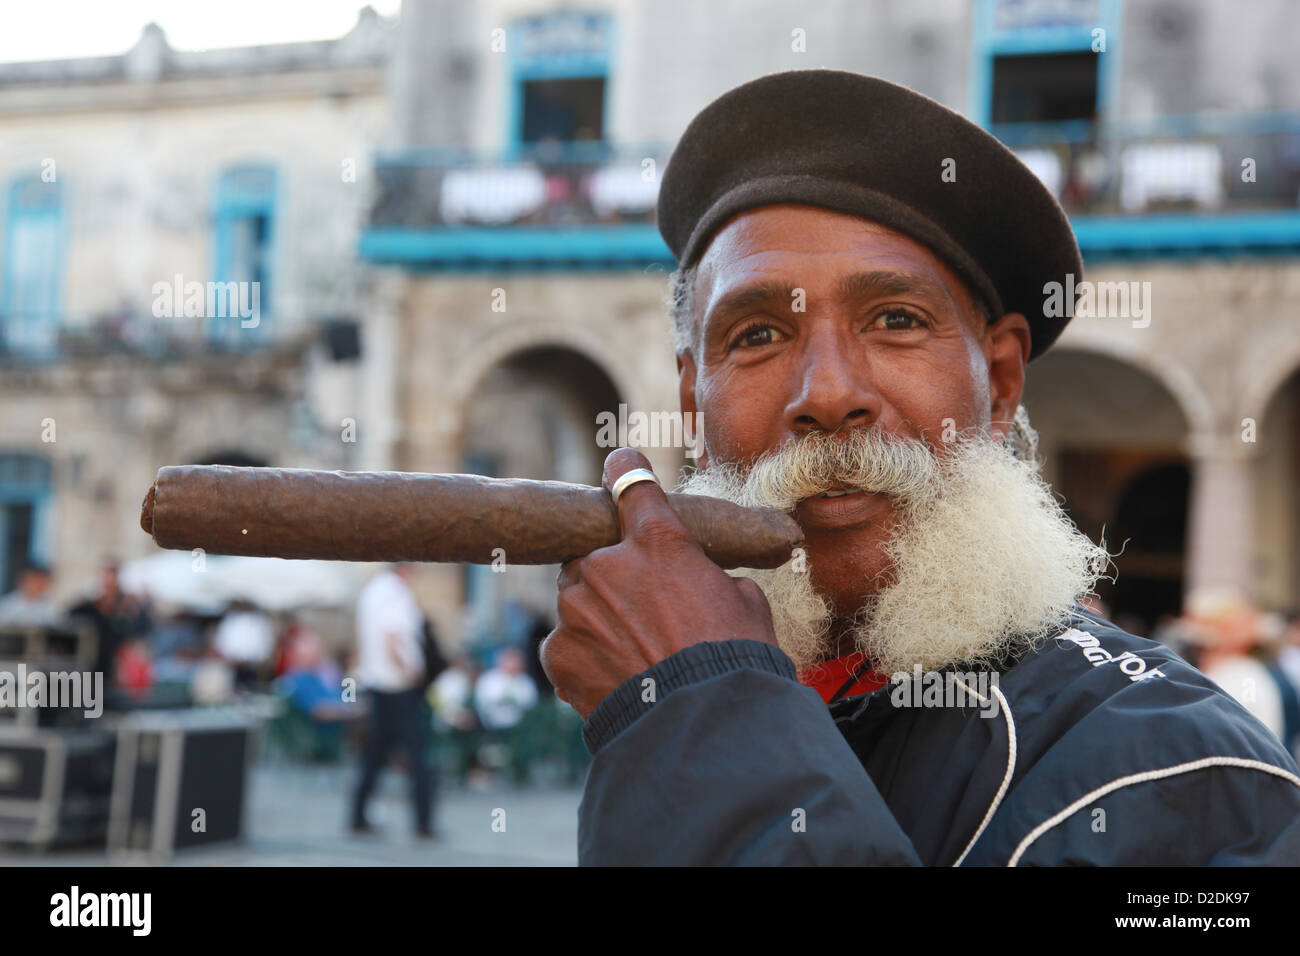 6339dfe66 Cuban man smoking a cigar Stock Photo: 53160947 - Alamy